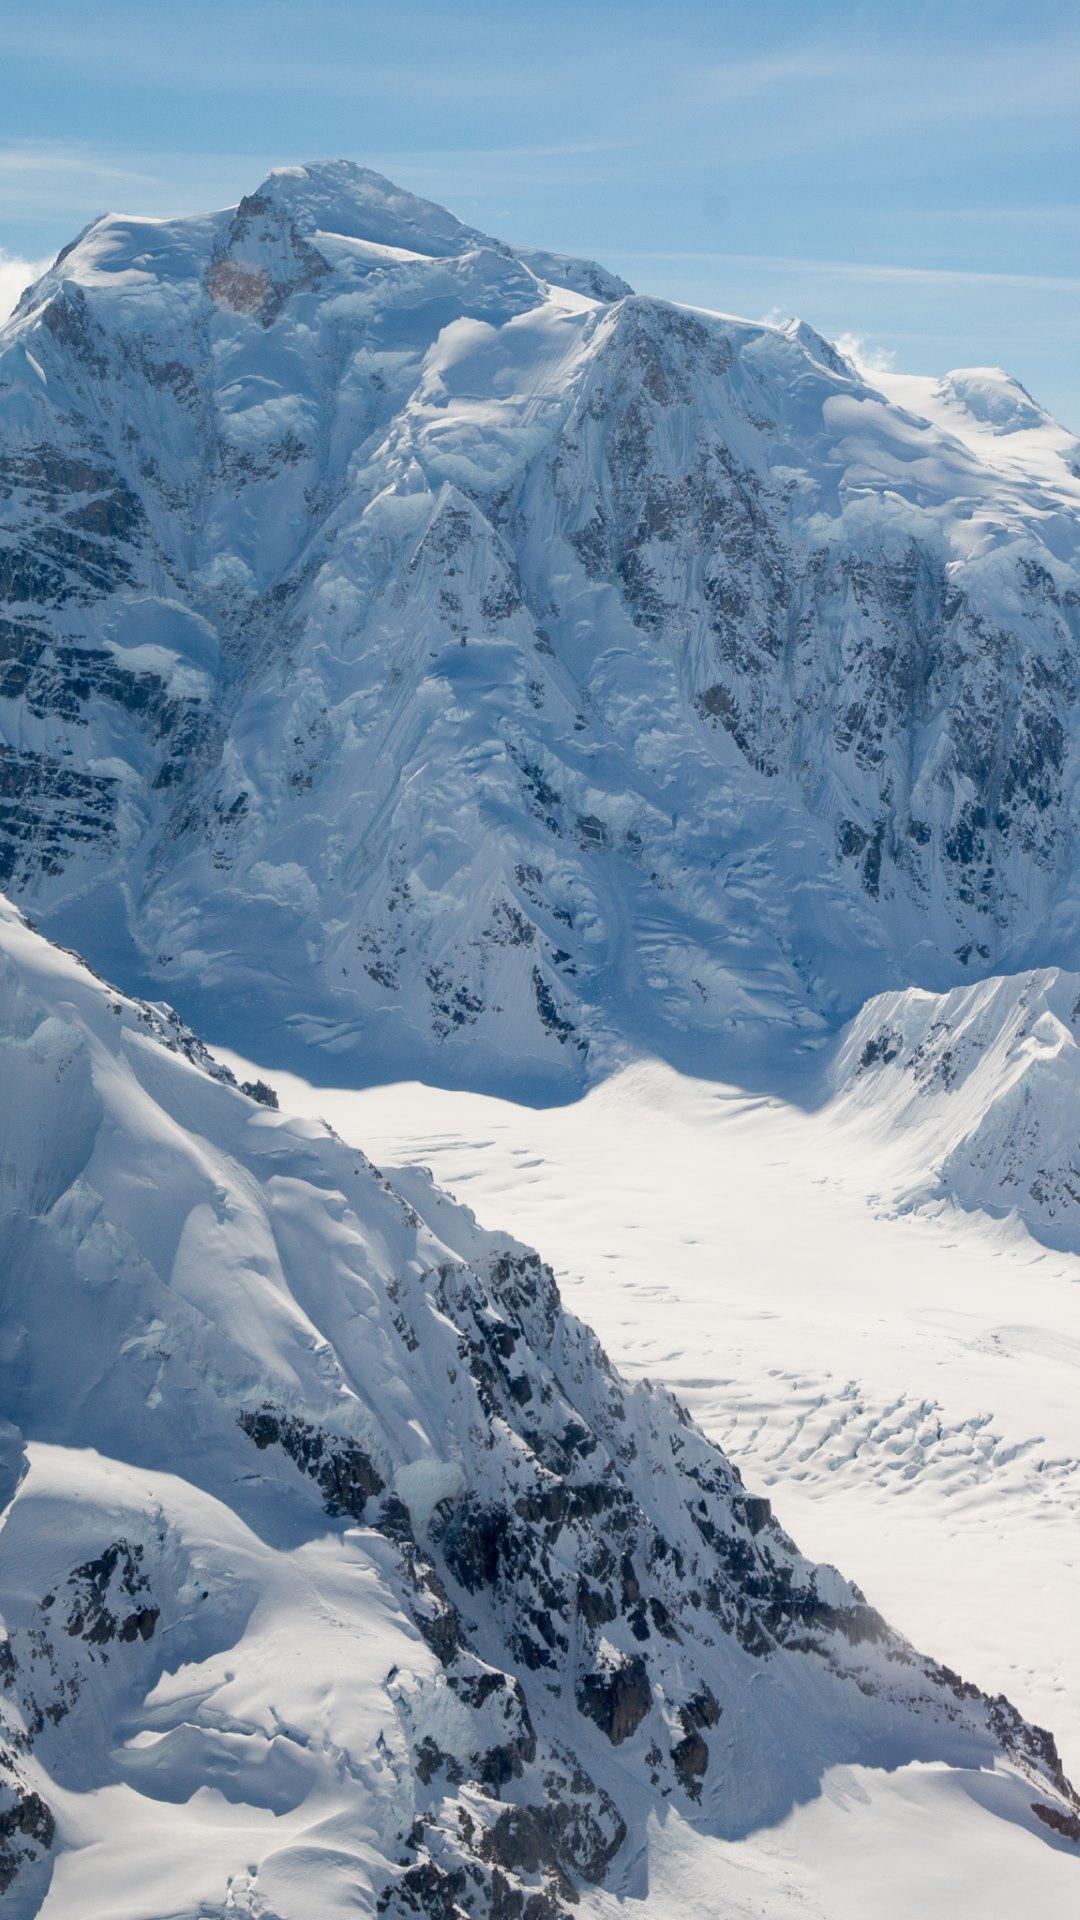 4K Alaska Wallpaper For Mobile